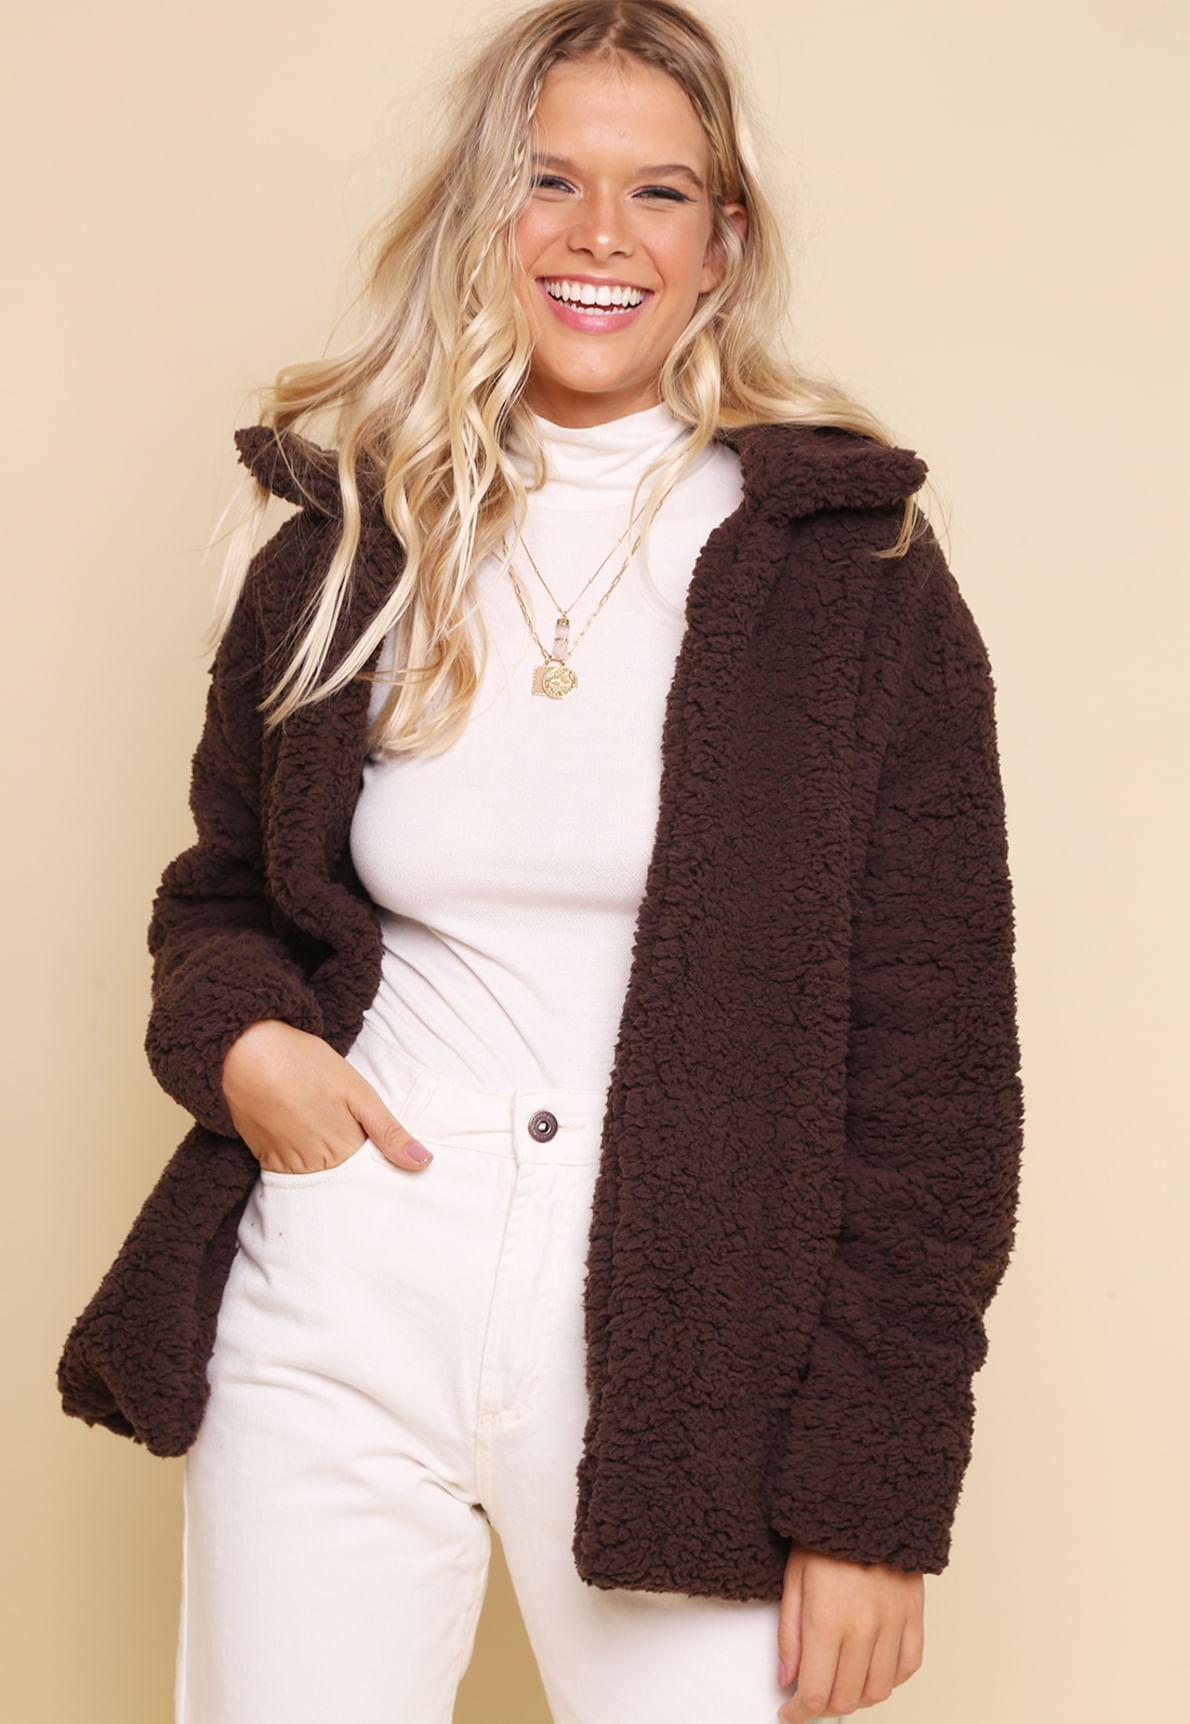 31017-casaco-pelo-marrom-teddy-mundo-lolita-01